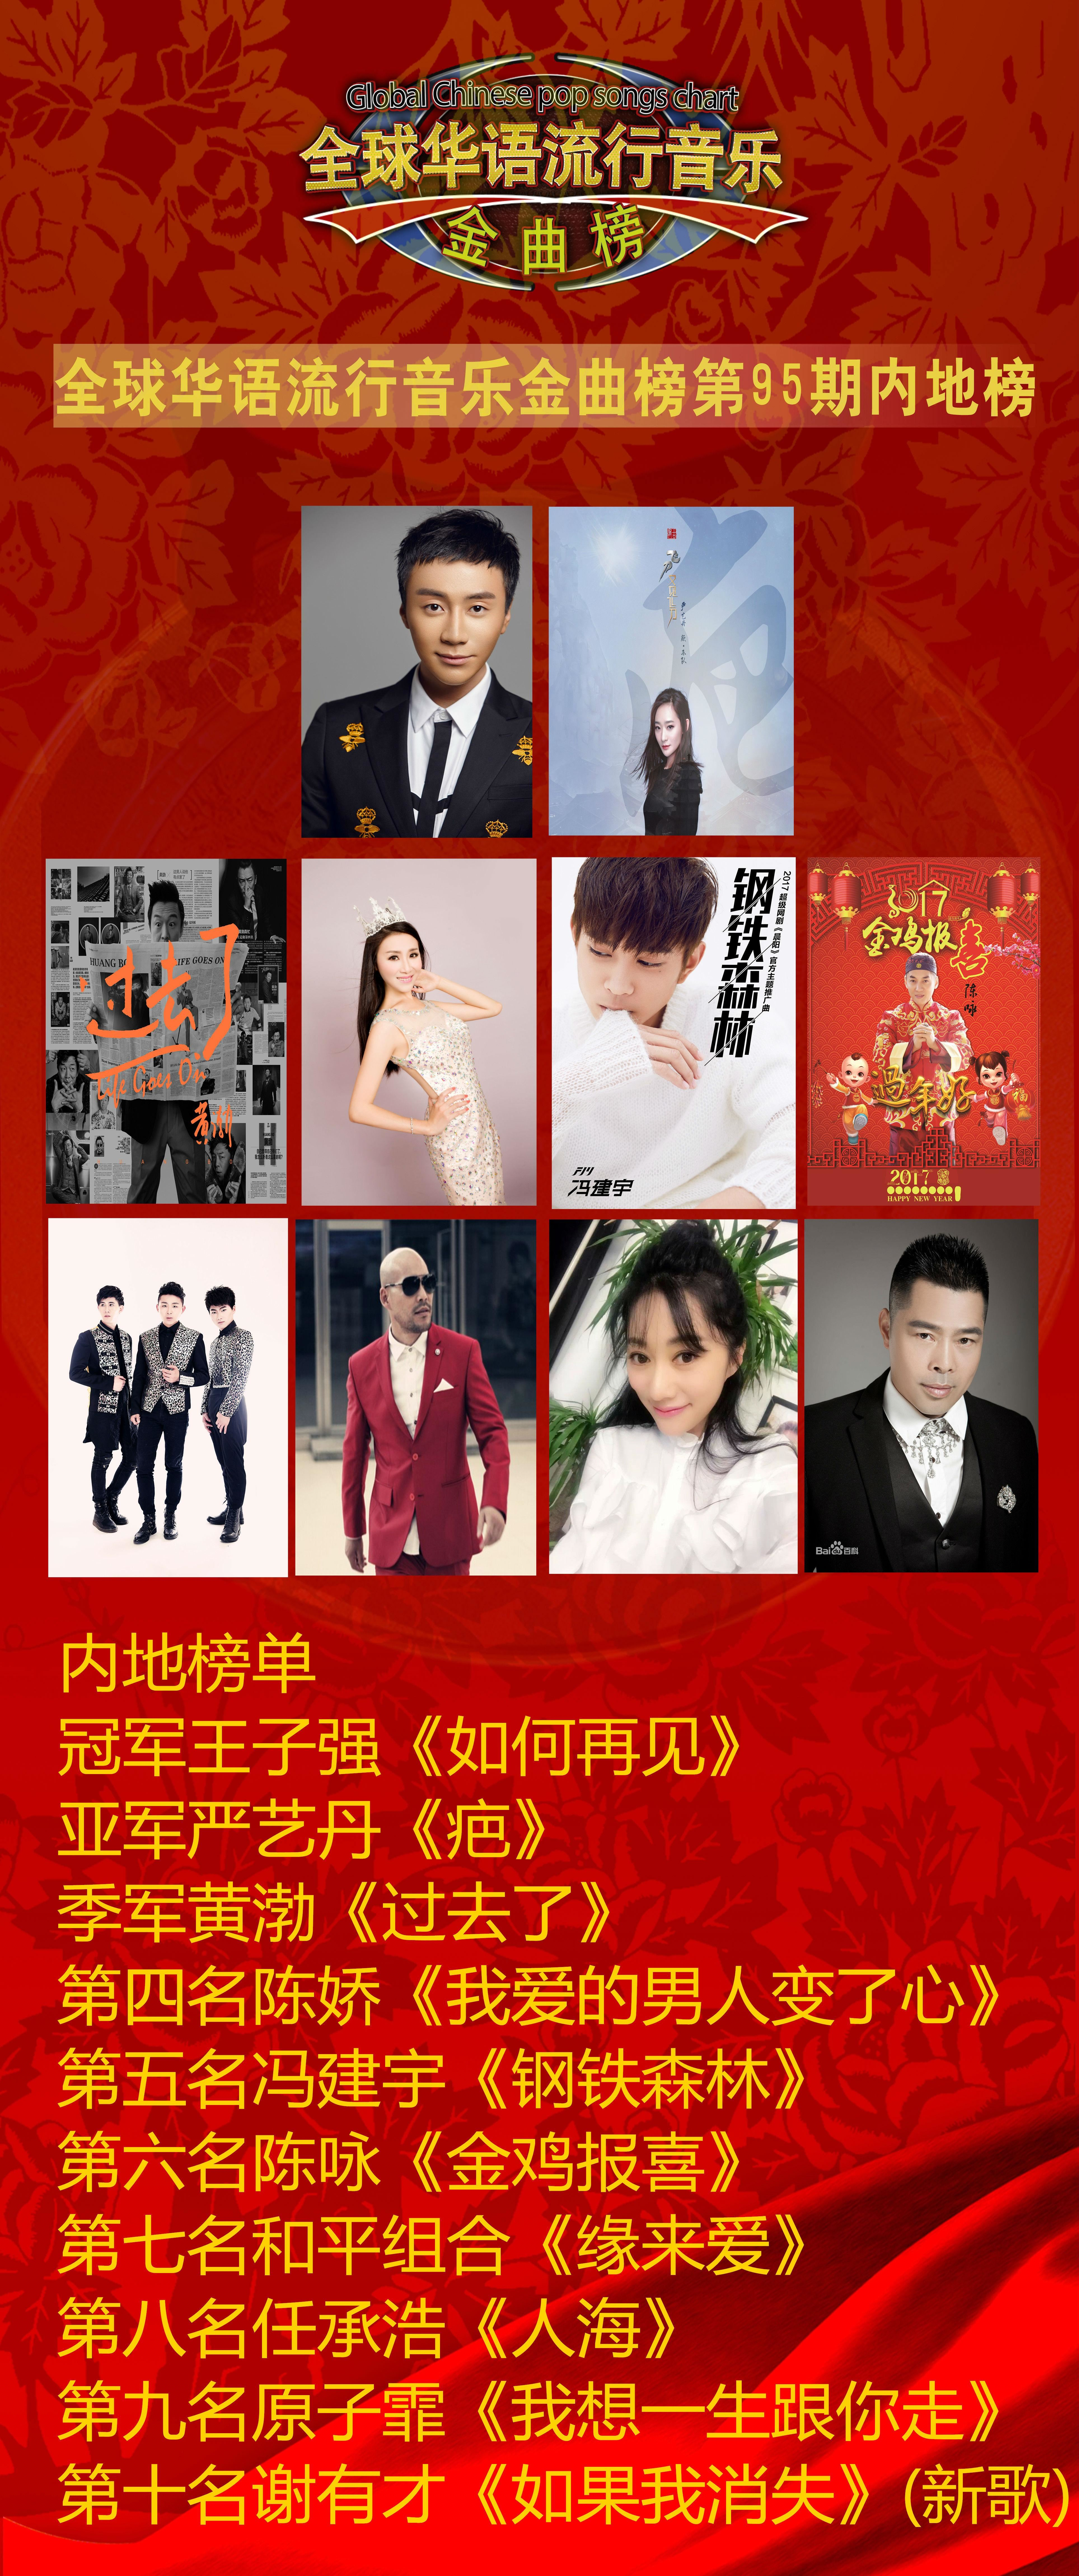 《全球华语流行音乐金曲榜》第95期榜单天王天后齐聚首